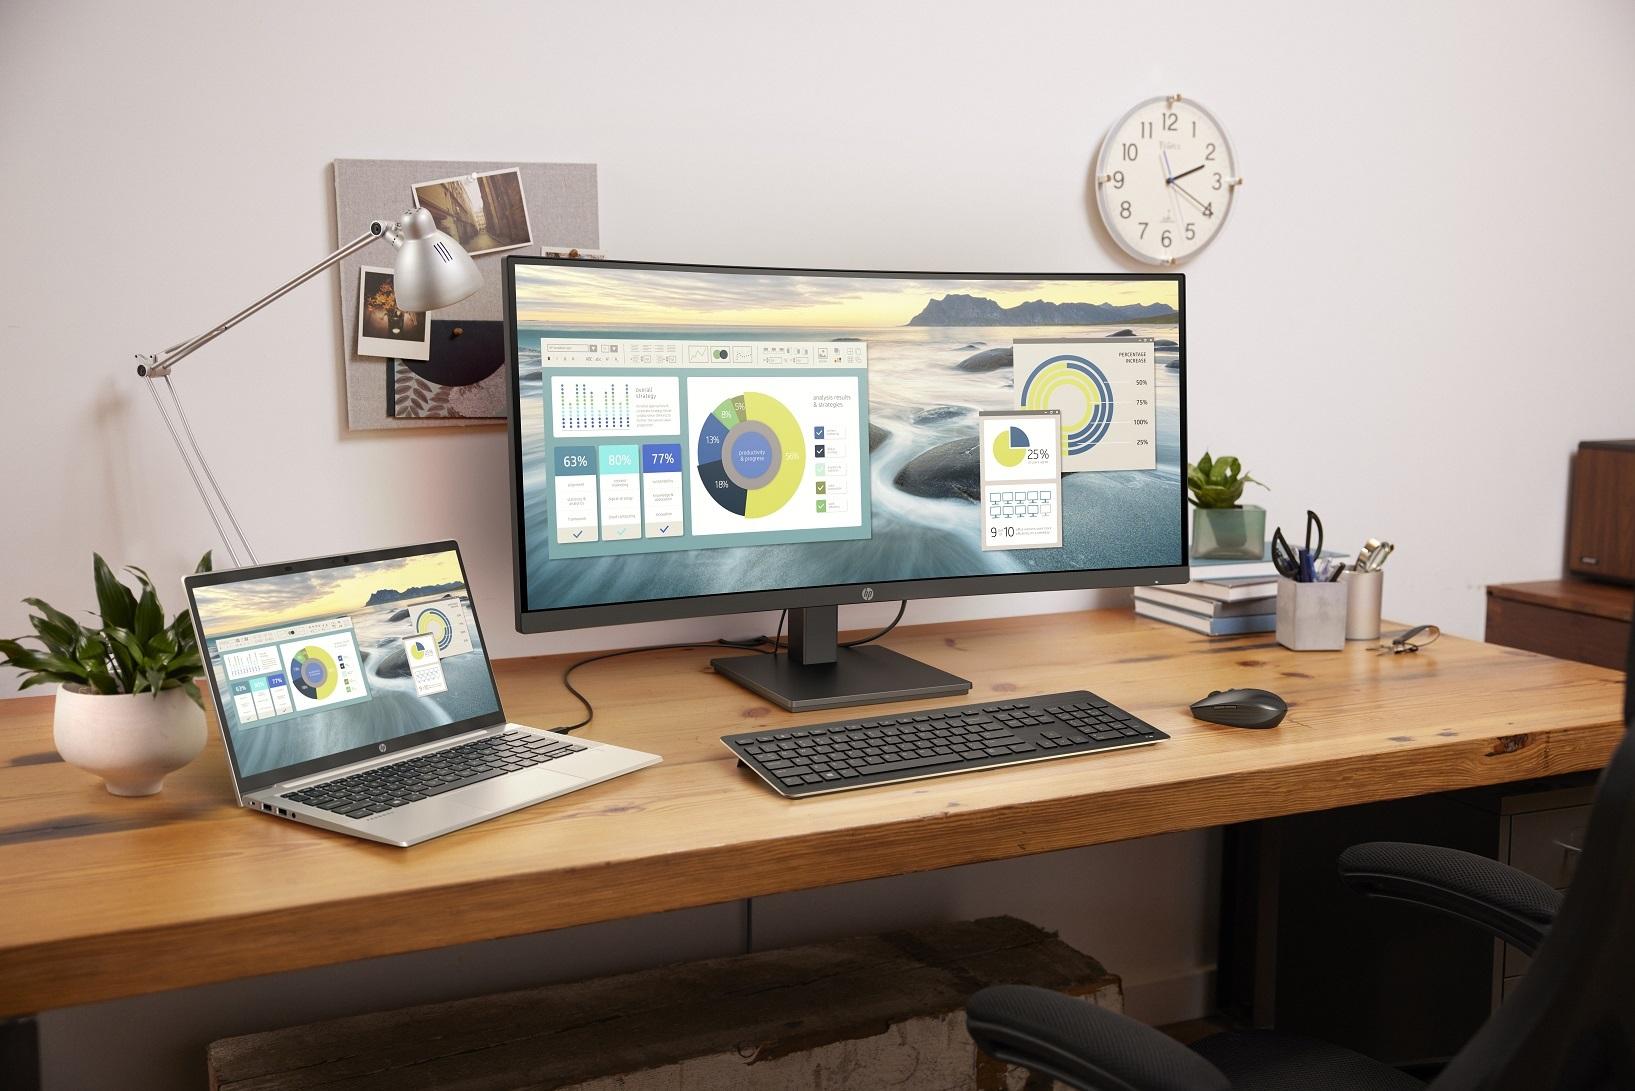 HP prezentuje nowe komputery przeznaczone do pracy zdalnej i biurowej